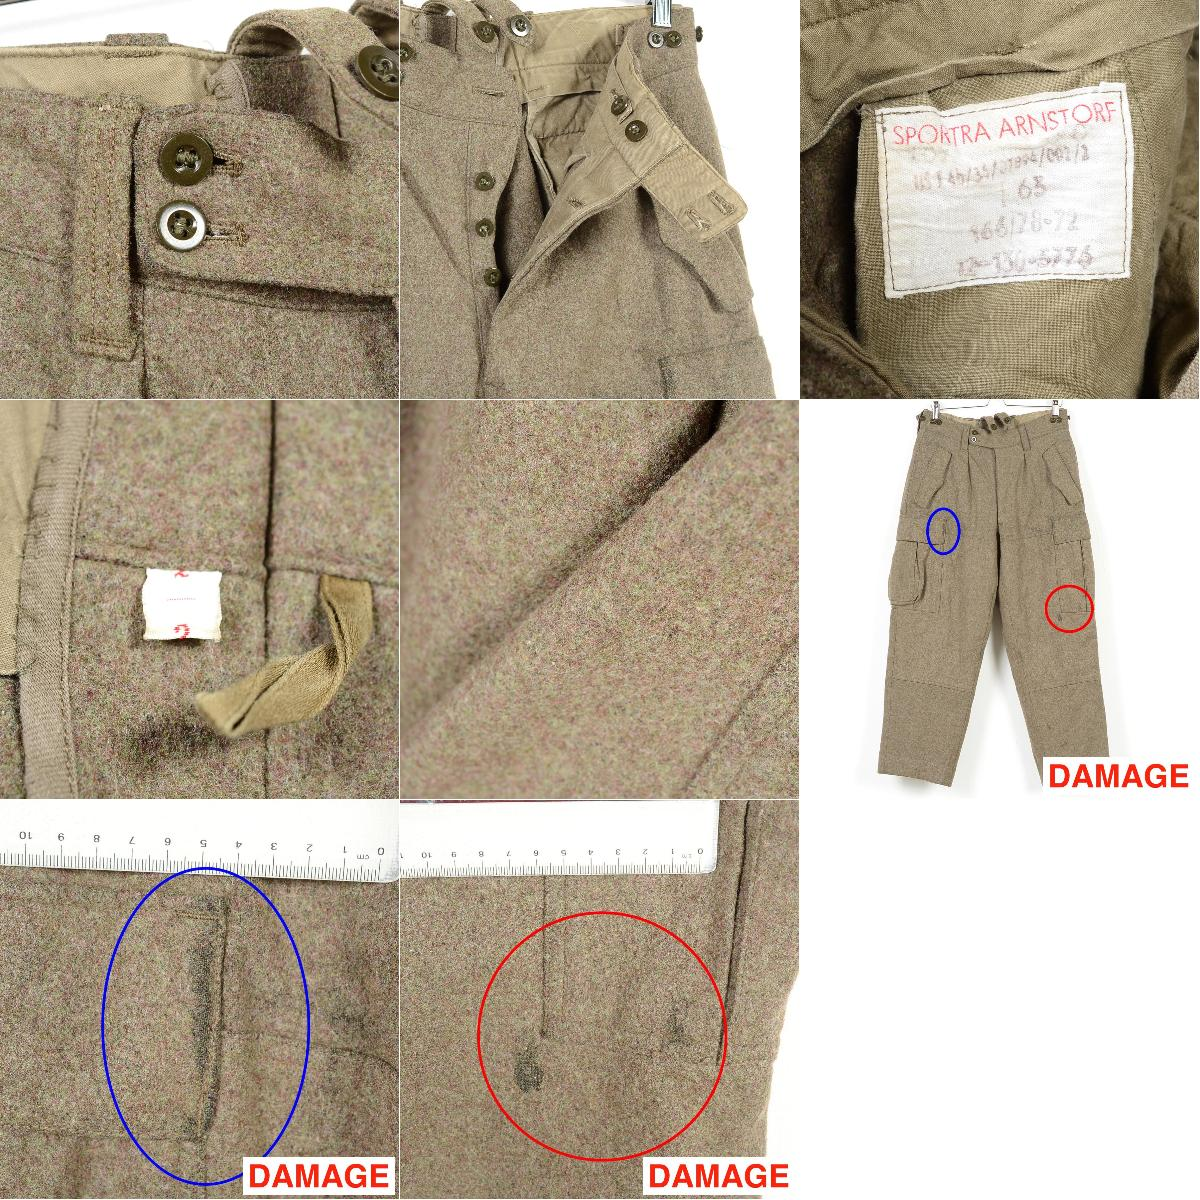 军事羊毛货物裤子人w33 SPORTRA ARNSTORF/wei9164 150828